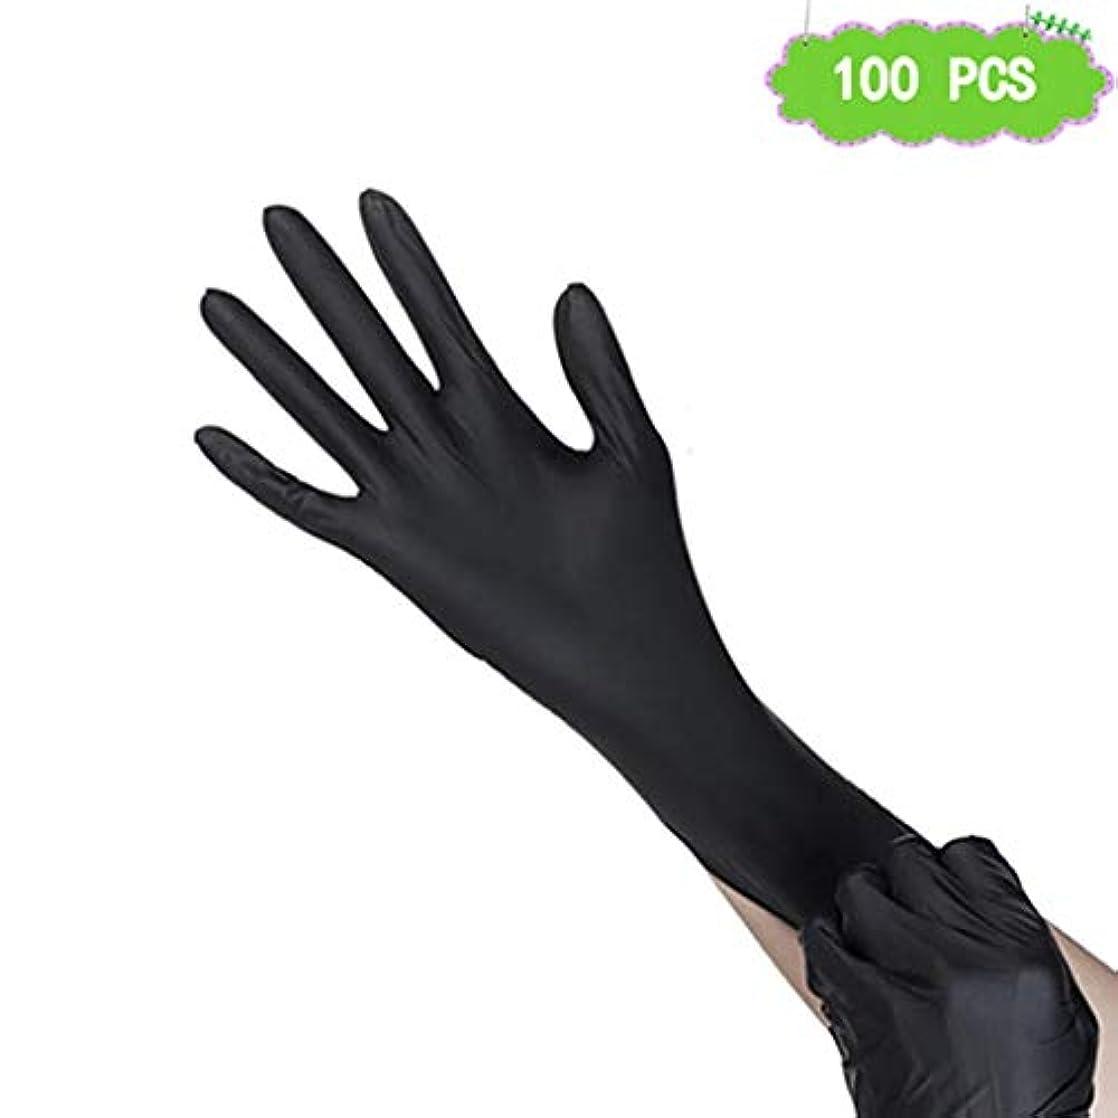 独立した戸惑うプレゼンニトリル手袋、黒刺繍タトゥー理髪滑り止め使い捨て手袋ペットケアネイルアート検査保護実験、美容院ラテックスフリー、、 100個 (Size : L)